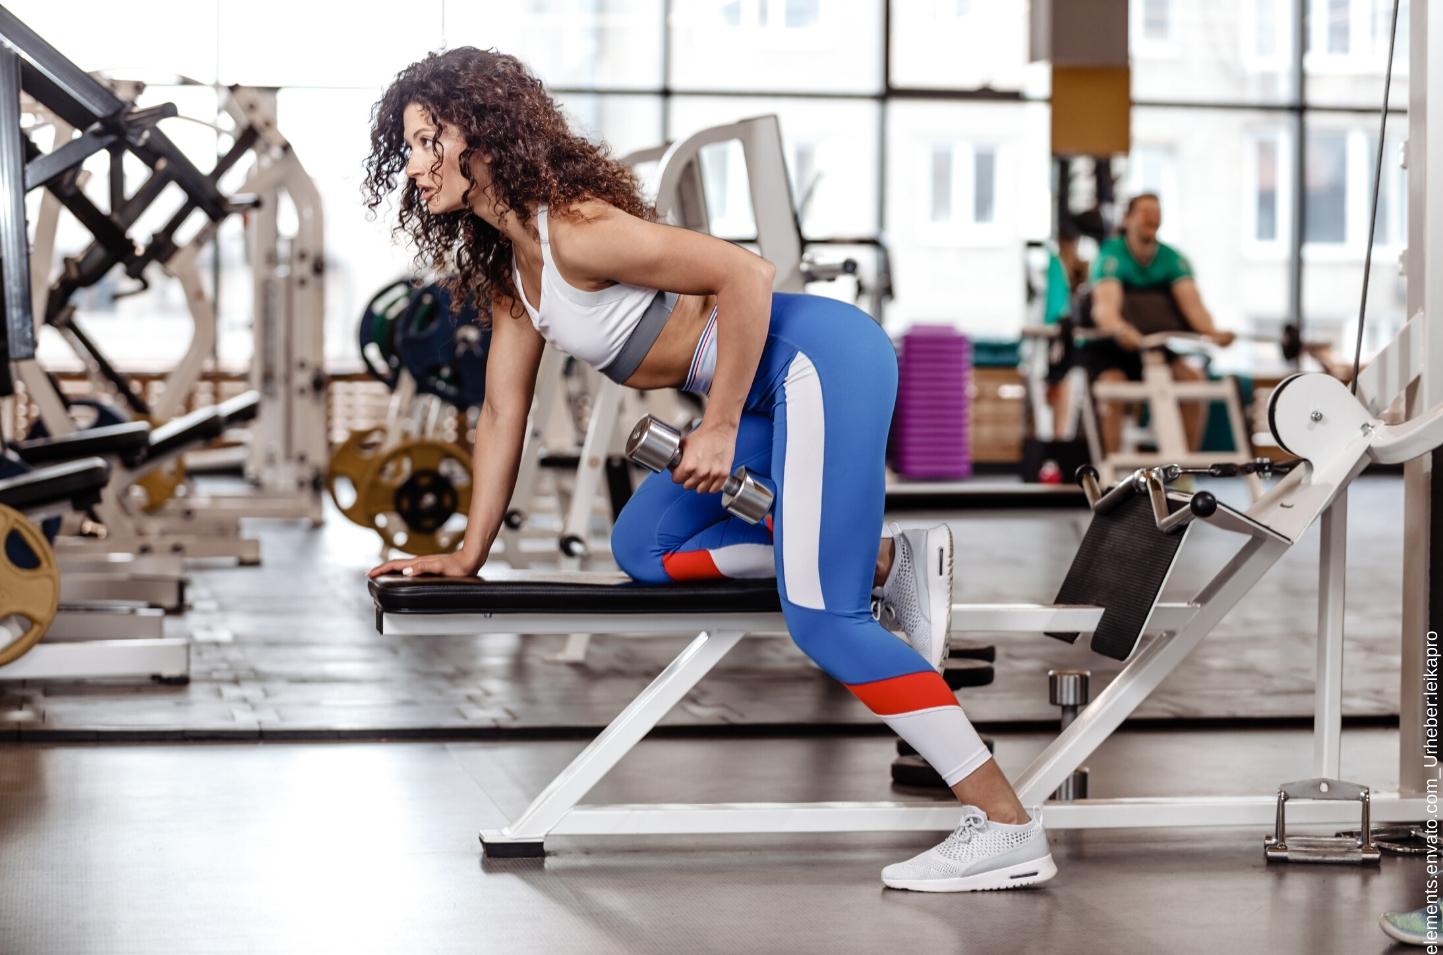 Frau hat sich im Fitnessstudio angemeldet und trainiert.